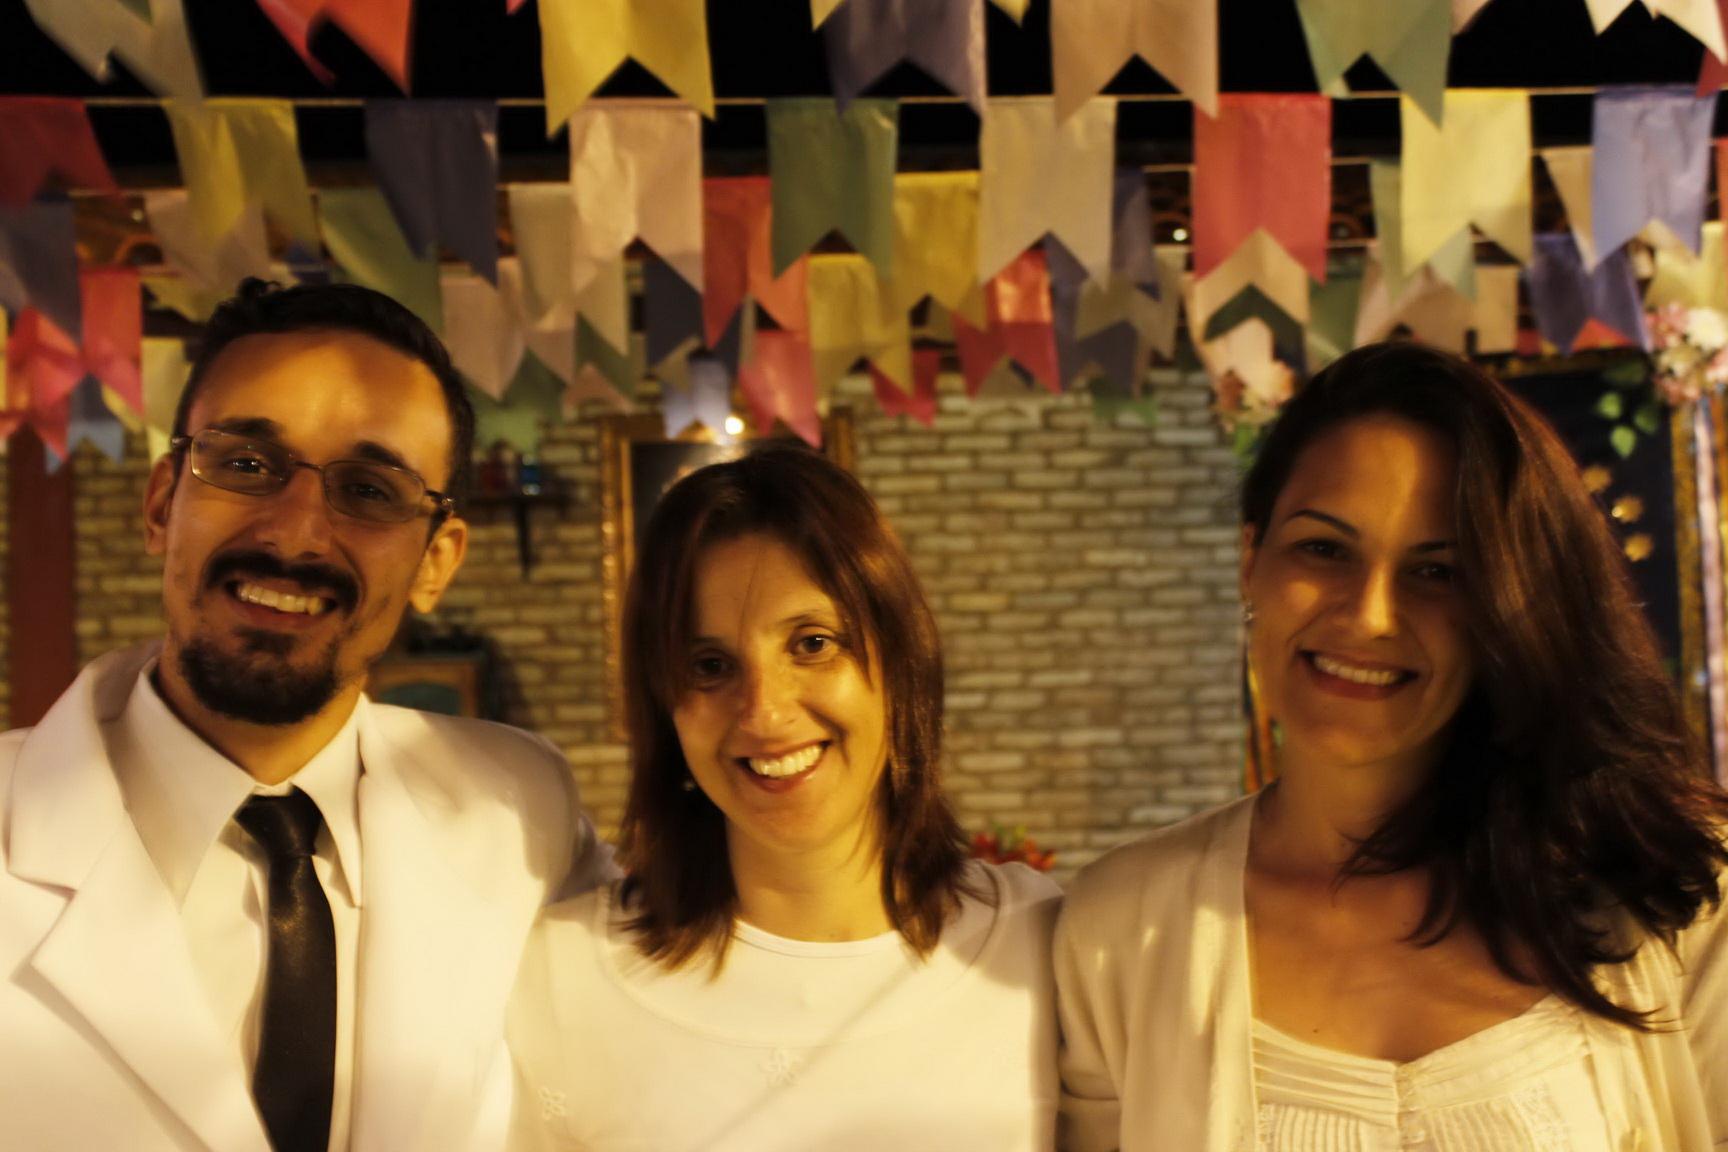 Daniel,_Madrinha_Suzana_da_Luz_Divina_na_Mística_União_de_Araraquara_e_Camila_-_